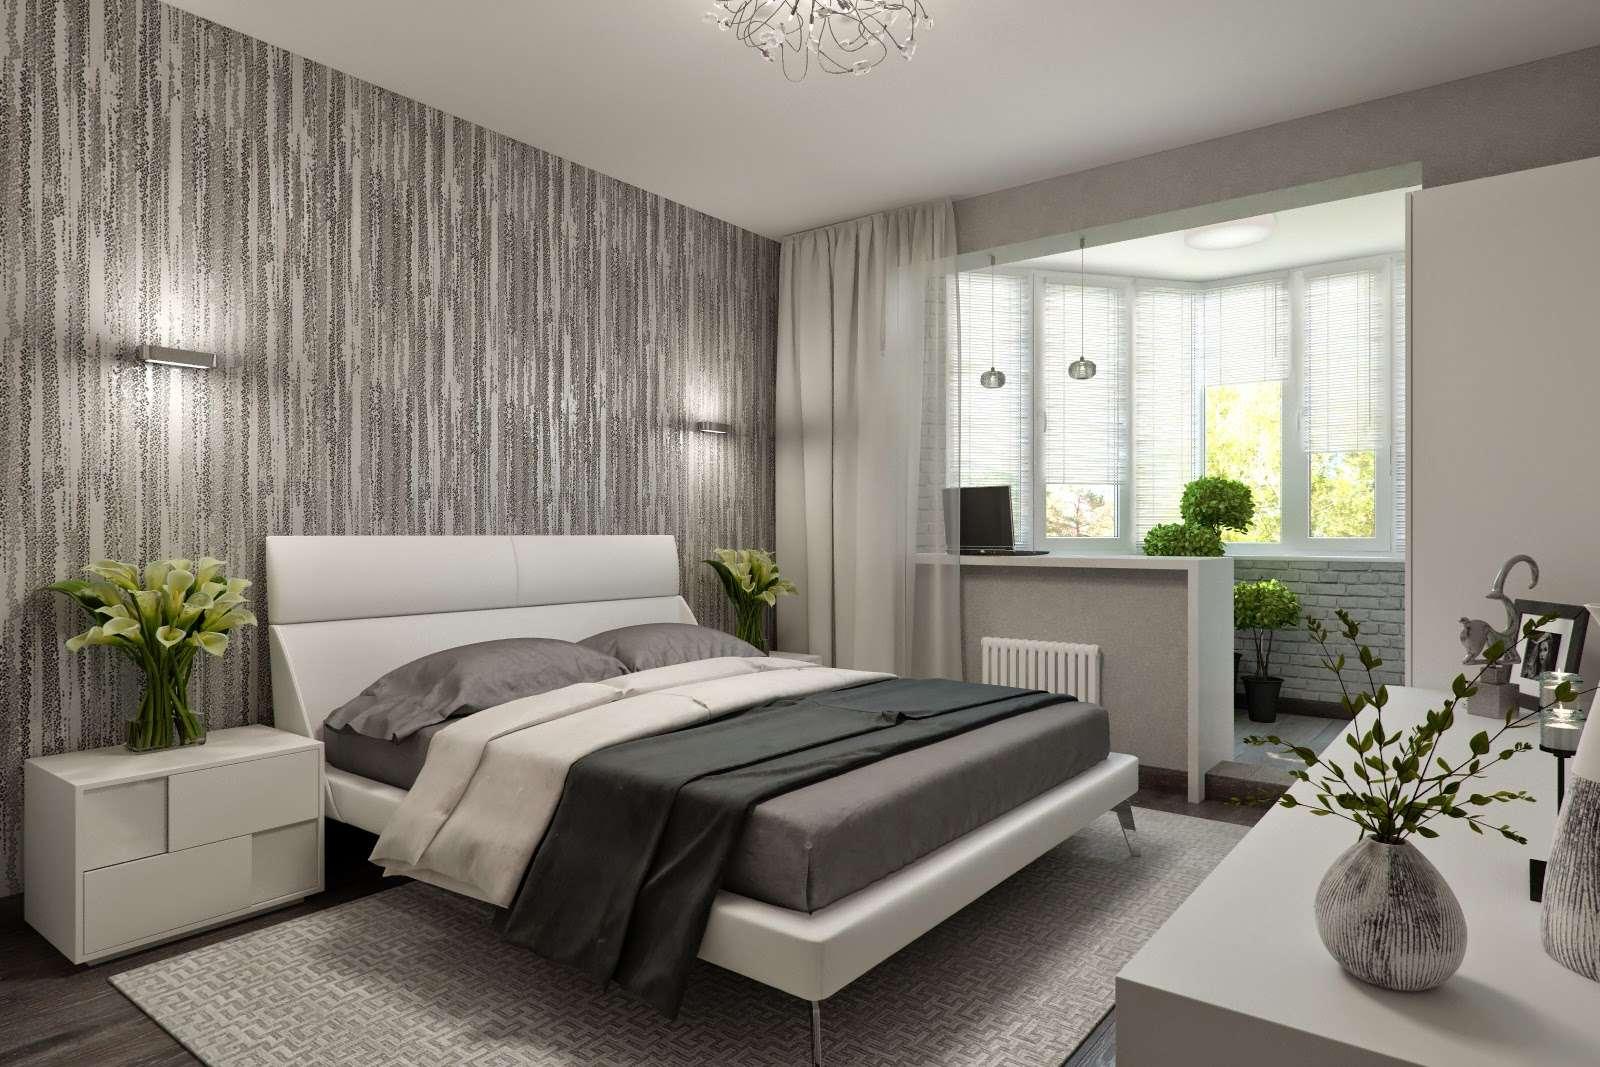 идеи дизайна спальни с балконом